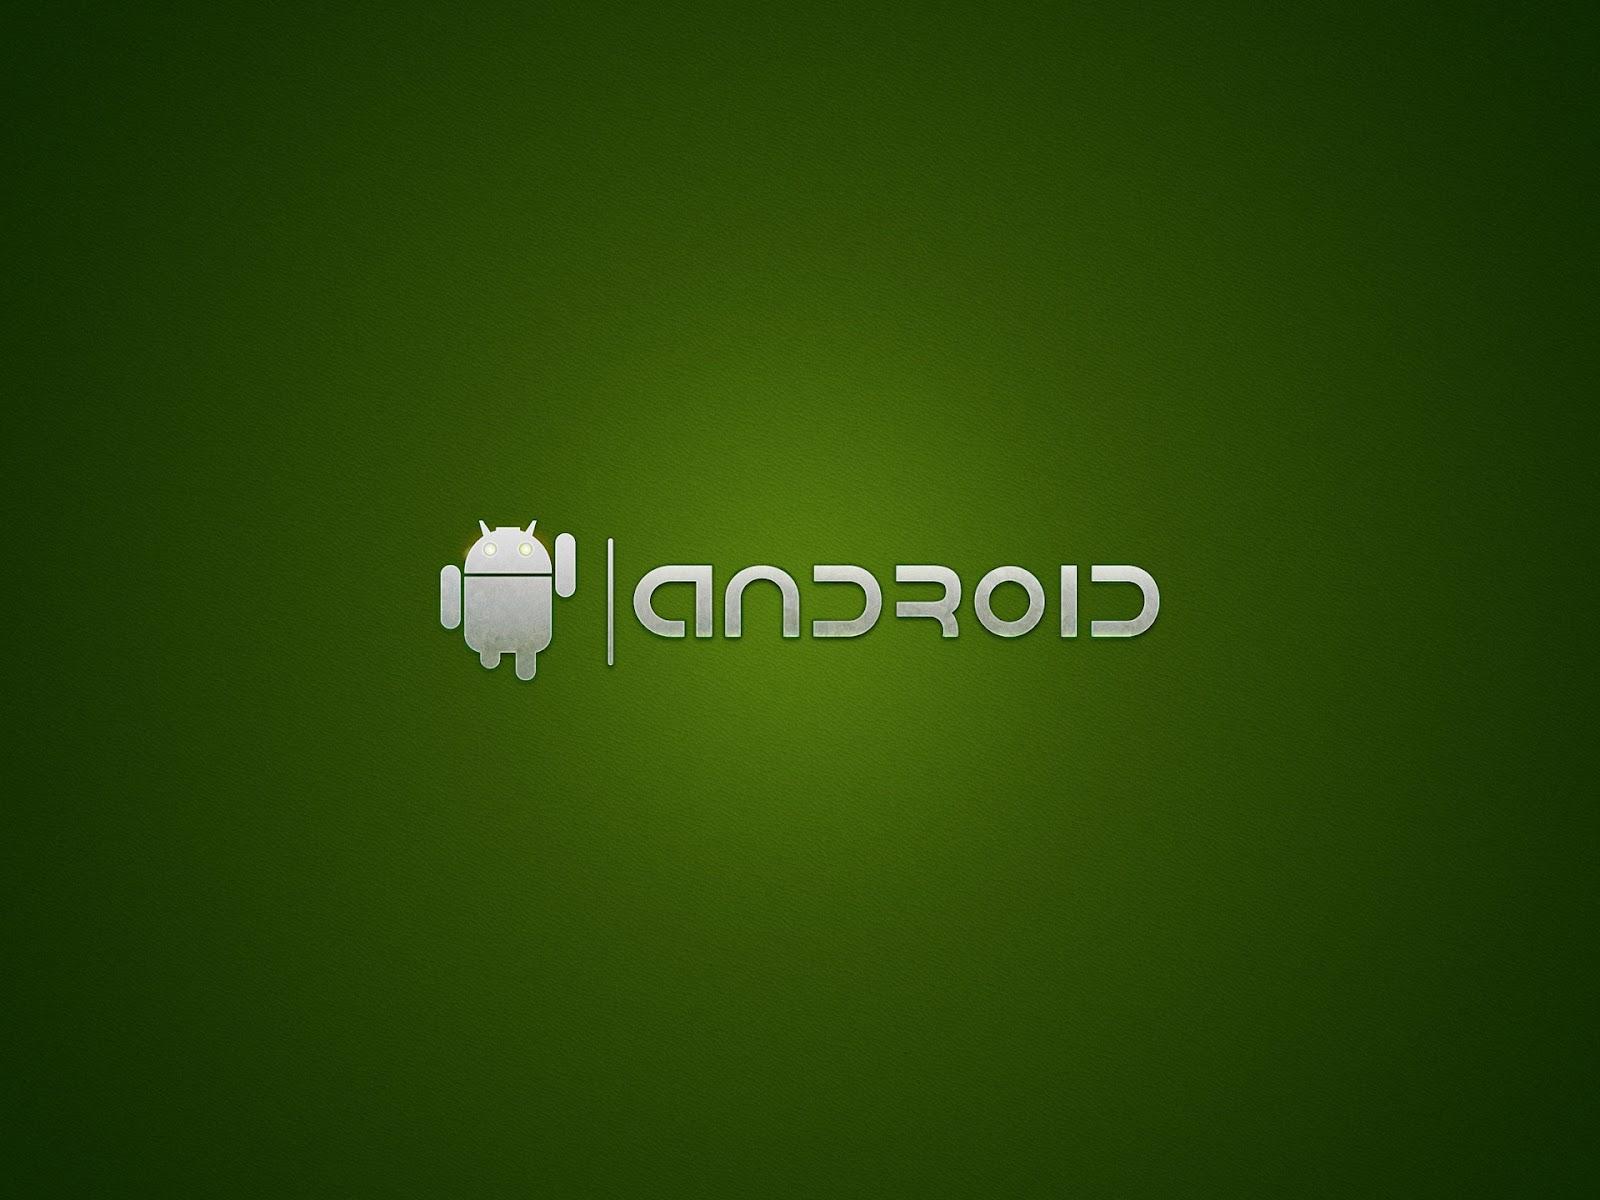 http://3.bp.blogspot.com/-Bk43EW9d9Vg/T1RwykG8cbI/AAAAAAAACFw/xFUj4b9aEy4/s1600/android-tablet-PC-wallpaper.jpg